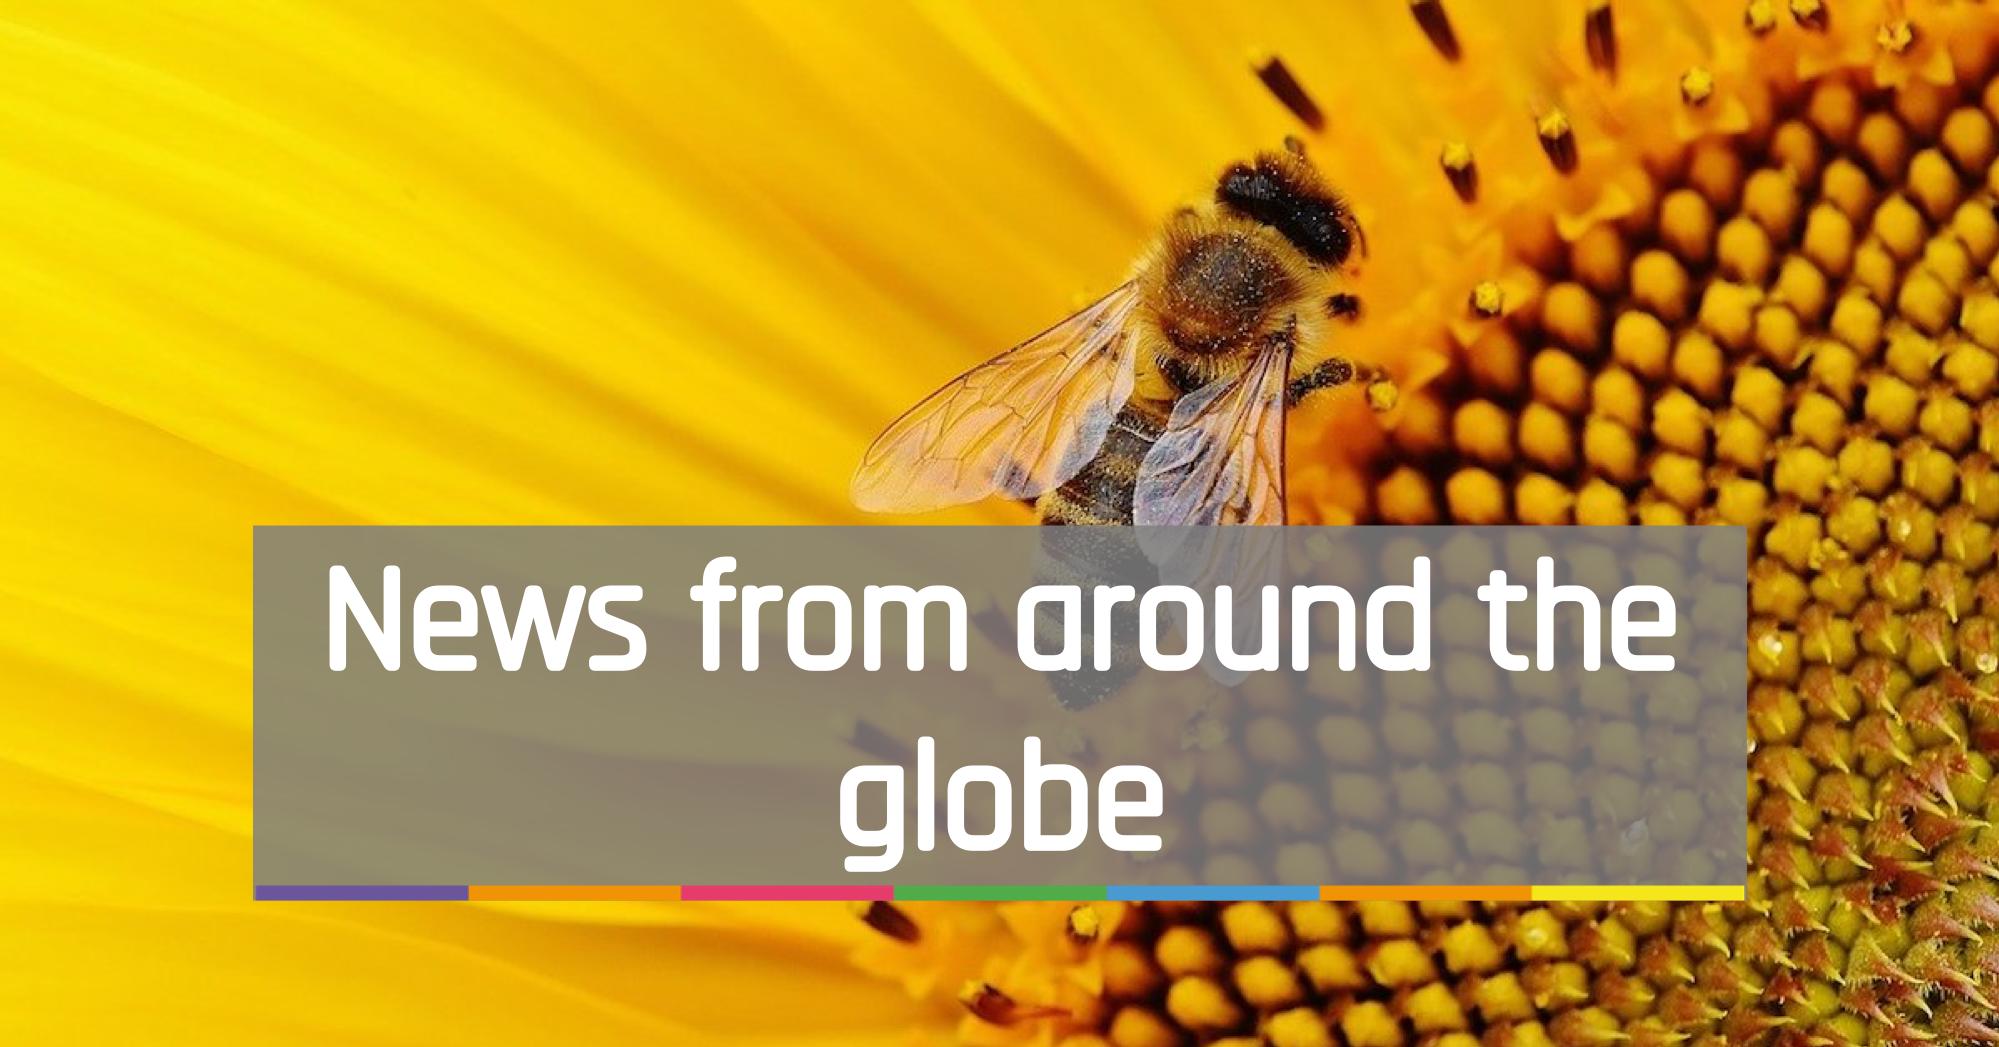 News from around the globe